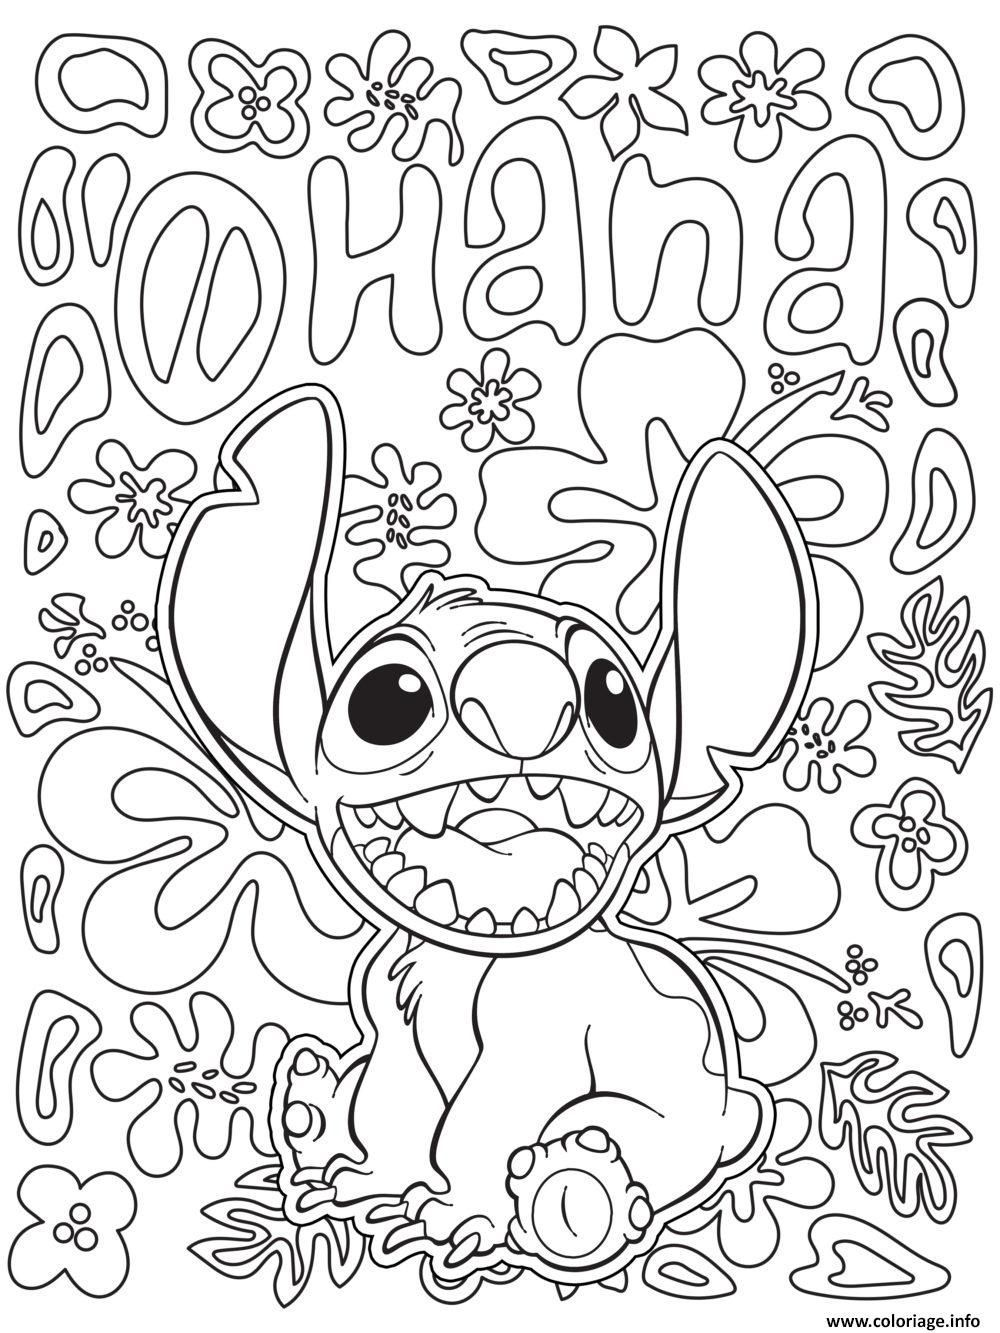 Coloriage mandala disney facile Stitch from Lilo and Stitch Dessin